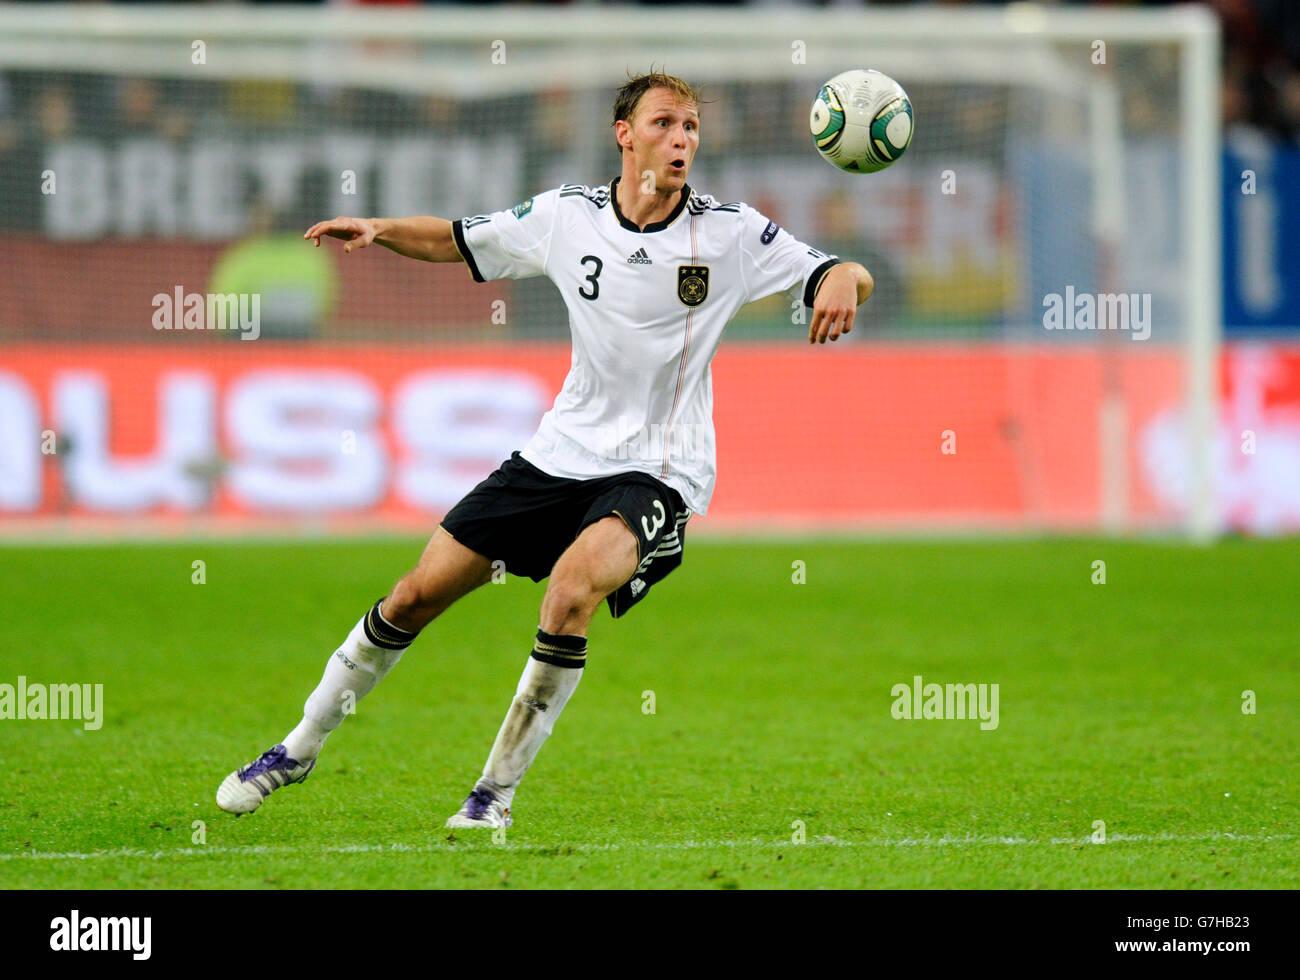 Benedikt Hoewedes, Alemania, calificación de fútbol coinciden con el campeonato europeo de la UEFA 2012, Imagen De Stock